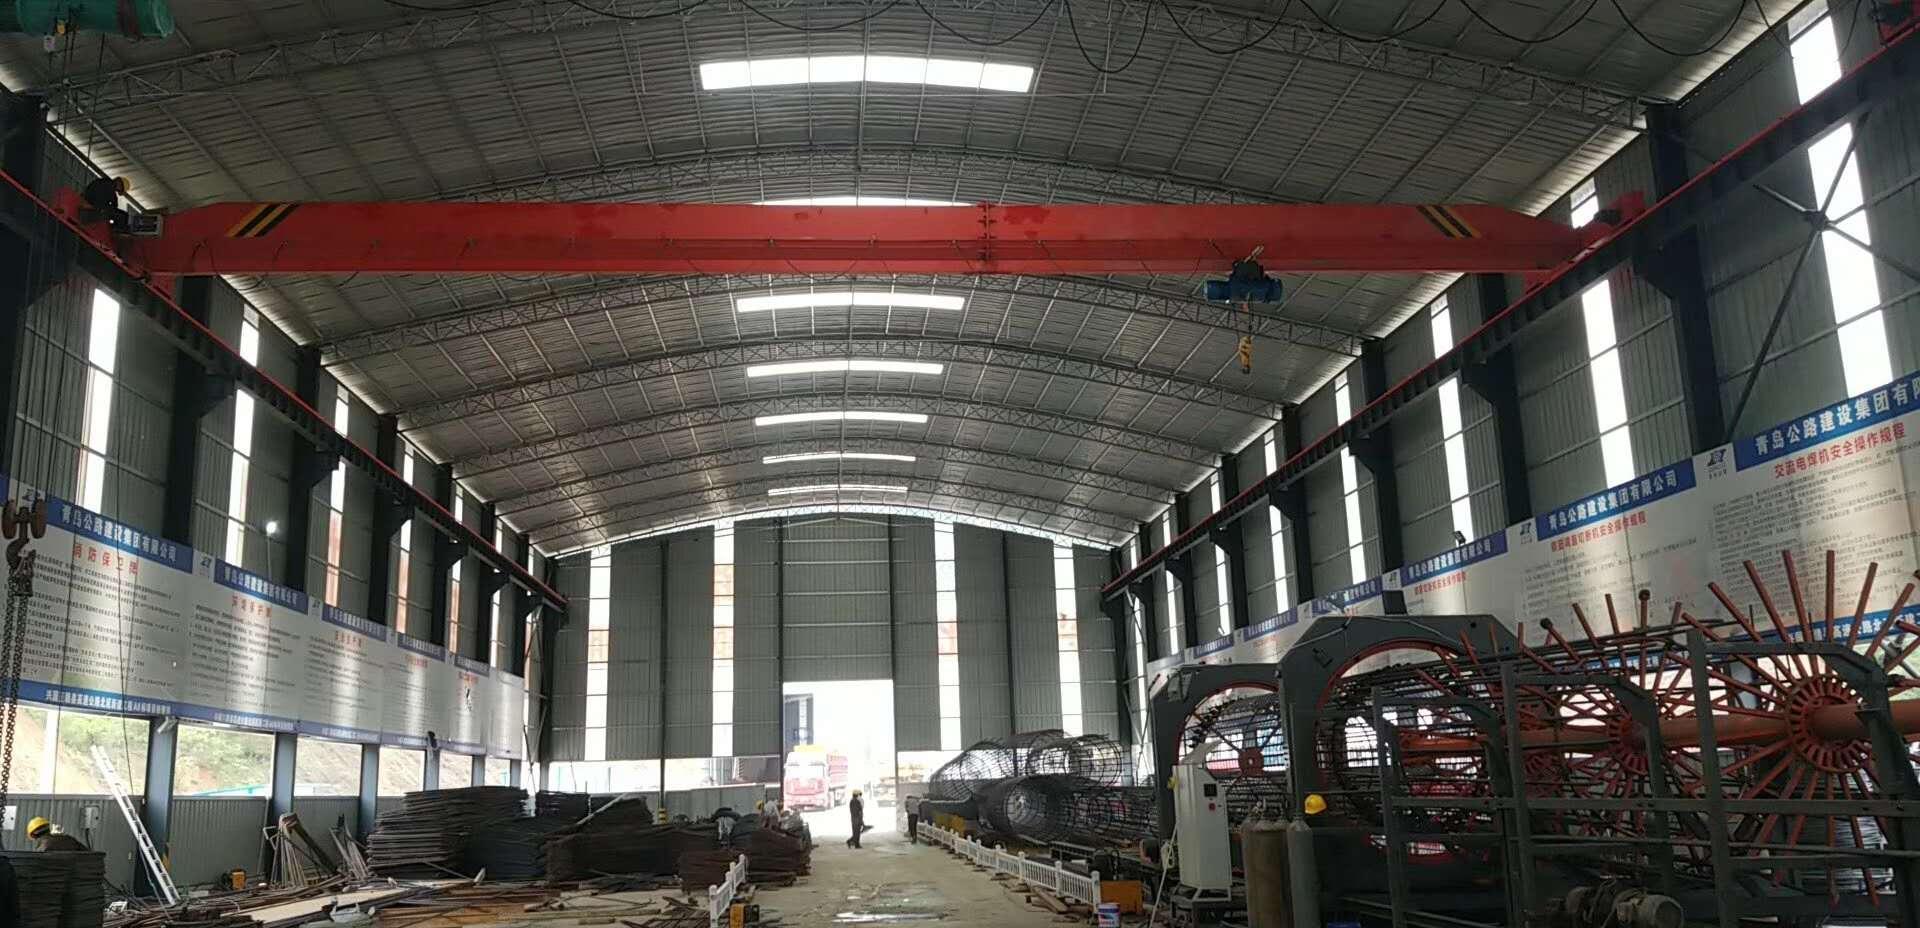 3吨行吊多少钱一台,行吊年检检测站,30米75吨龙门吊